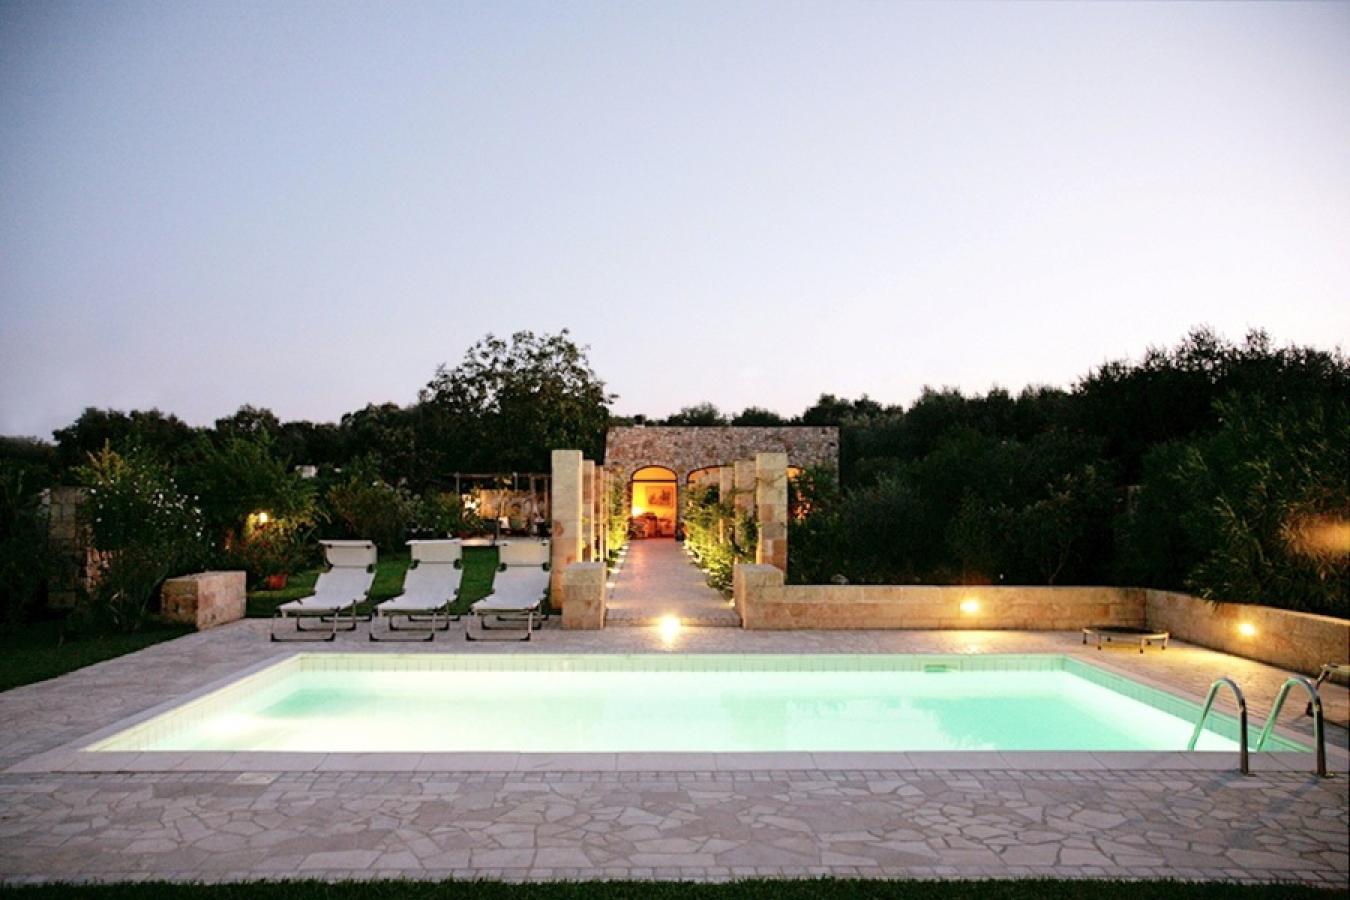 Villa con piscina vicino al mare a castro villa chianchedda - Ville con piscina ...